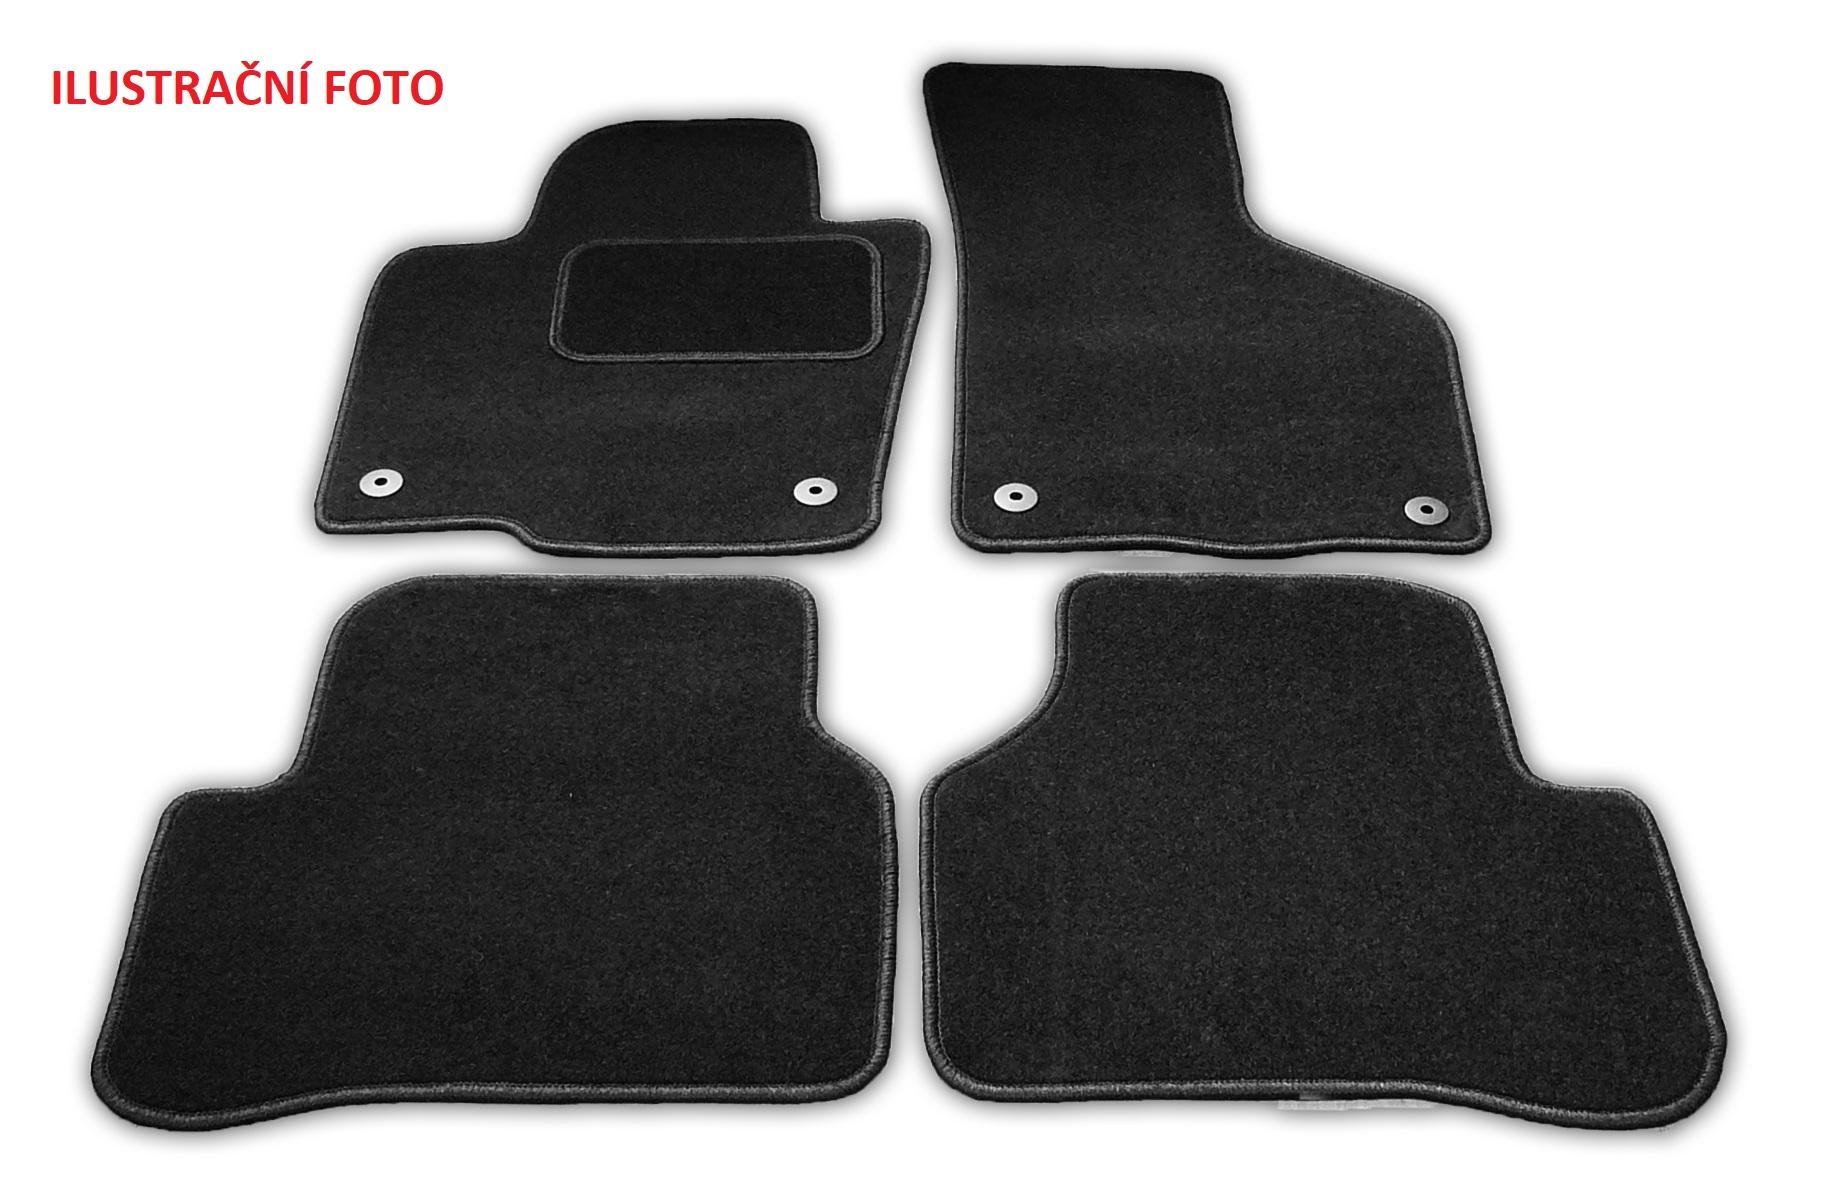 Automega Textilní autokoberce Standard BMW X4 2014-2018